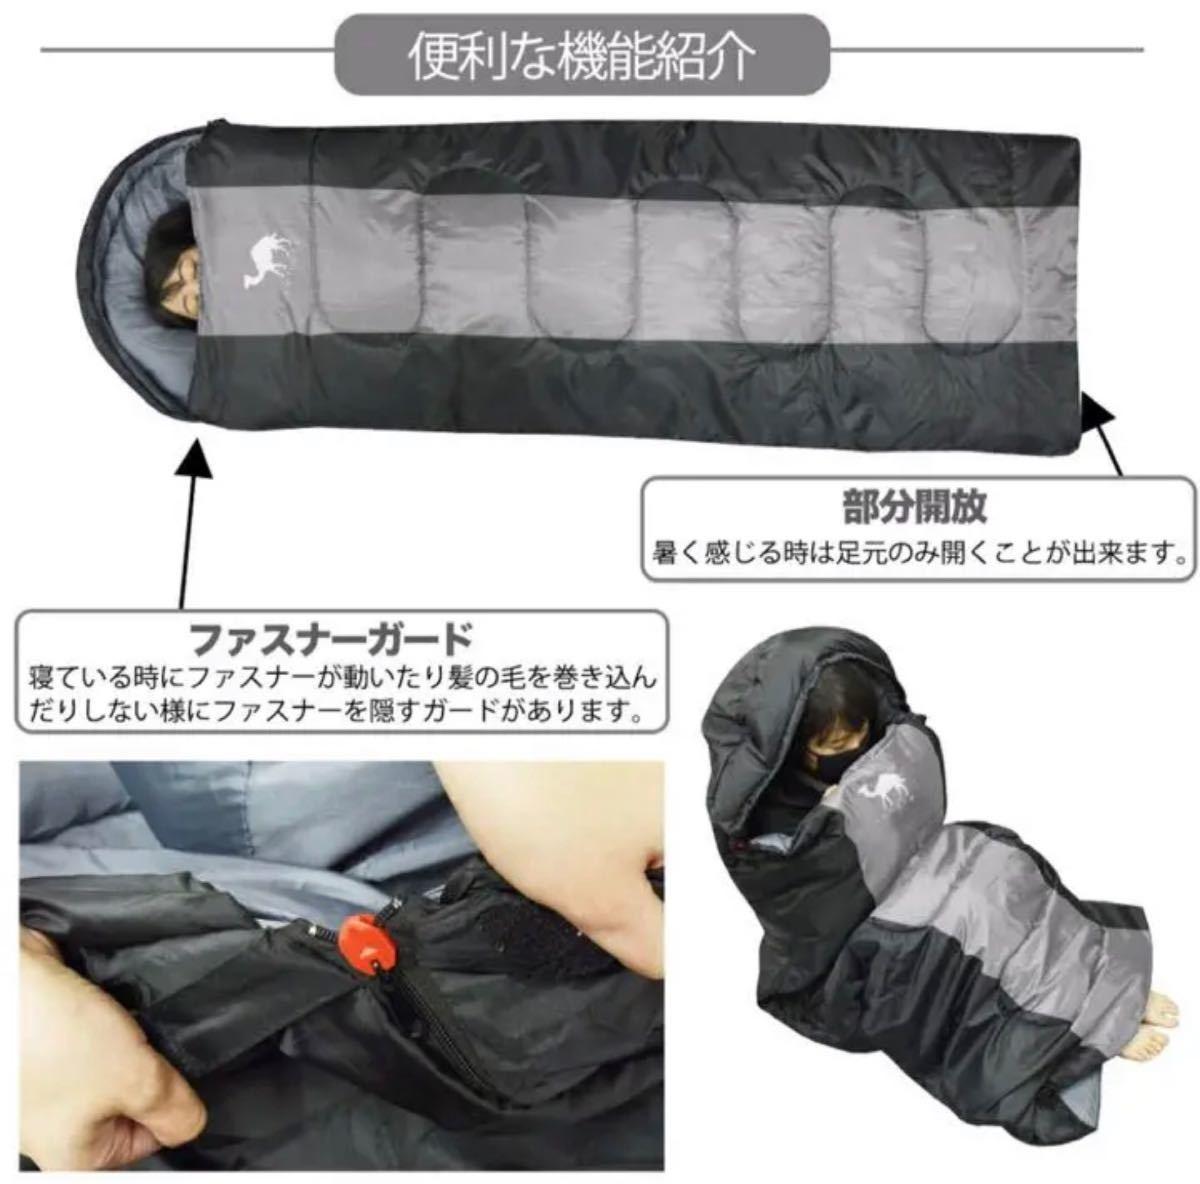 寝袋 枕付き シュラフ 高機能 210T 封筒型 コンパクトフルスペック 収納 最低使用温度-15℃  ワイン